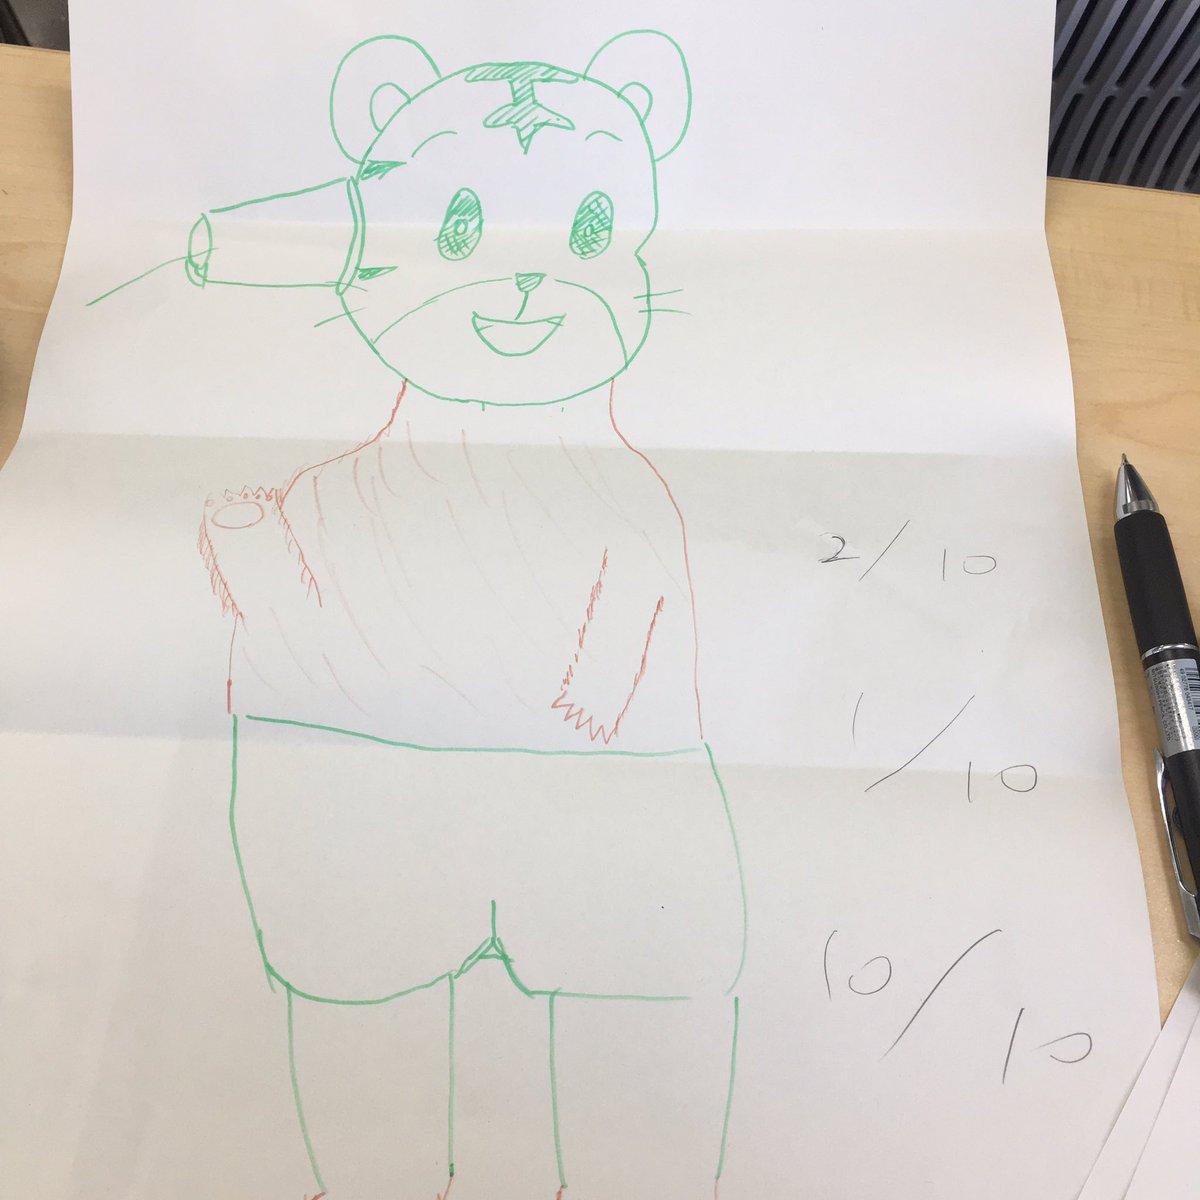 僕「今日は好きなキャラクターの絵を書く授業だし美少女でも描くかwww」ヘレカス「2人組作りましょう」僕「作ったで」ヘレカ